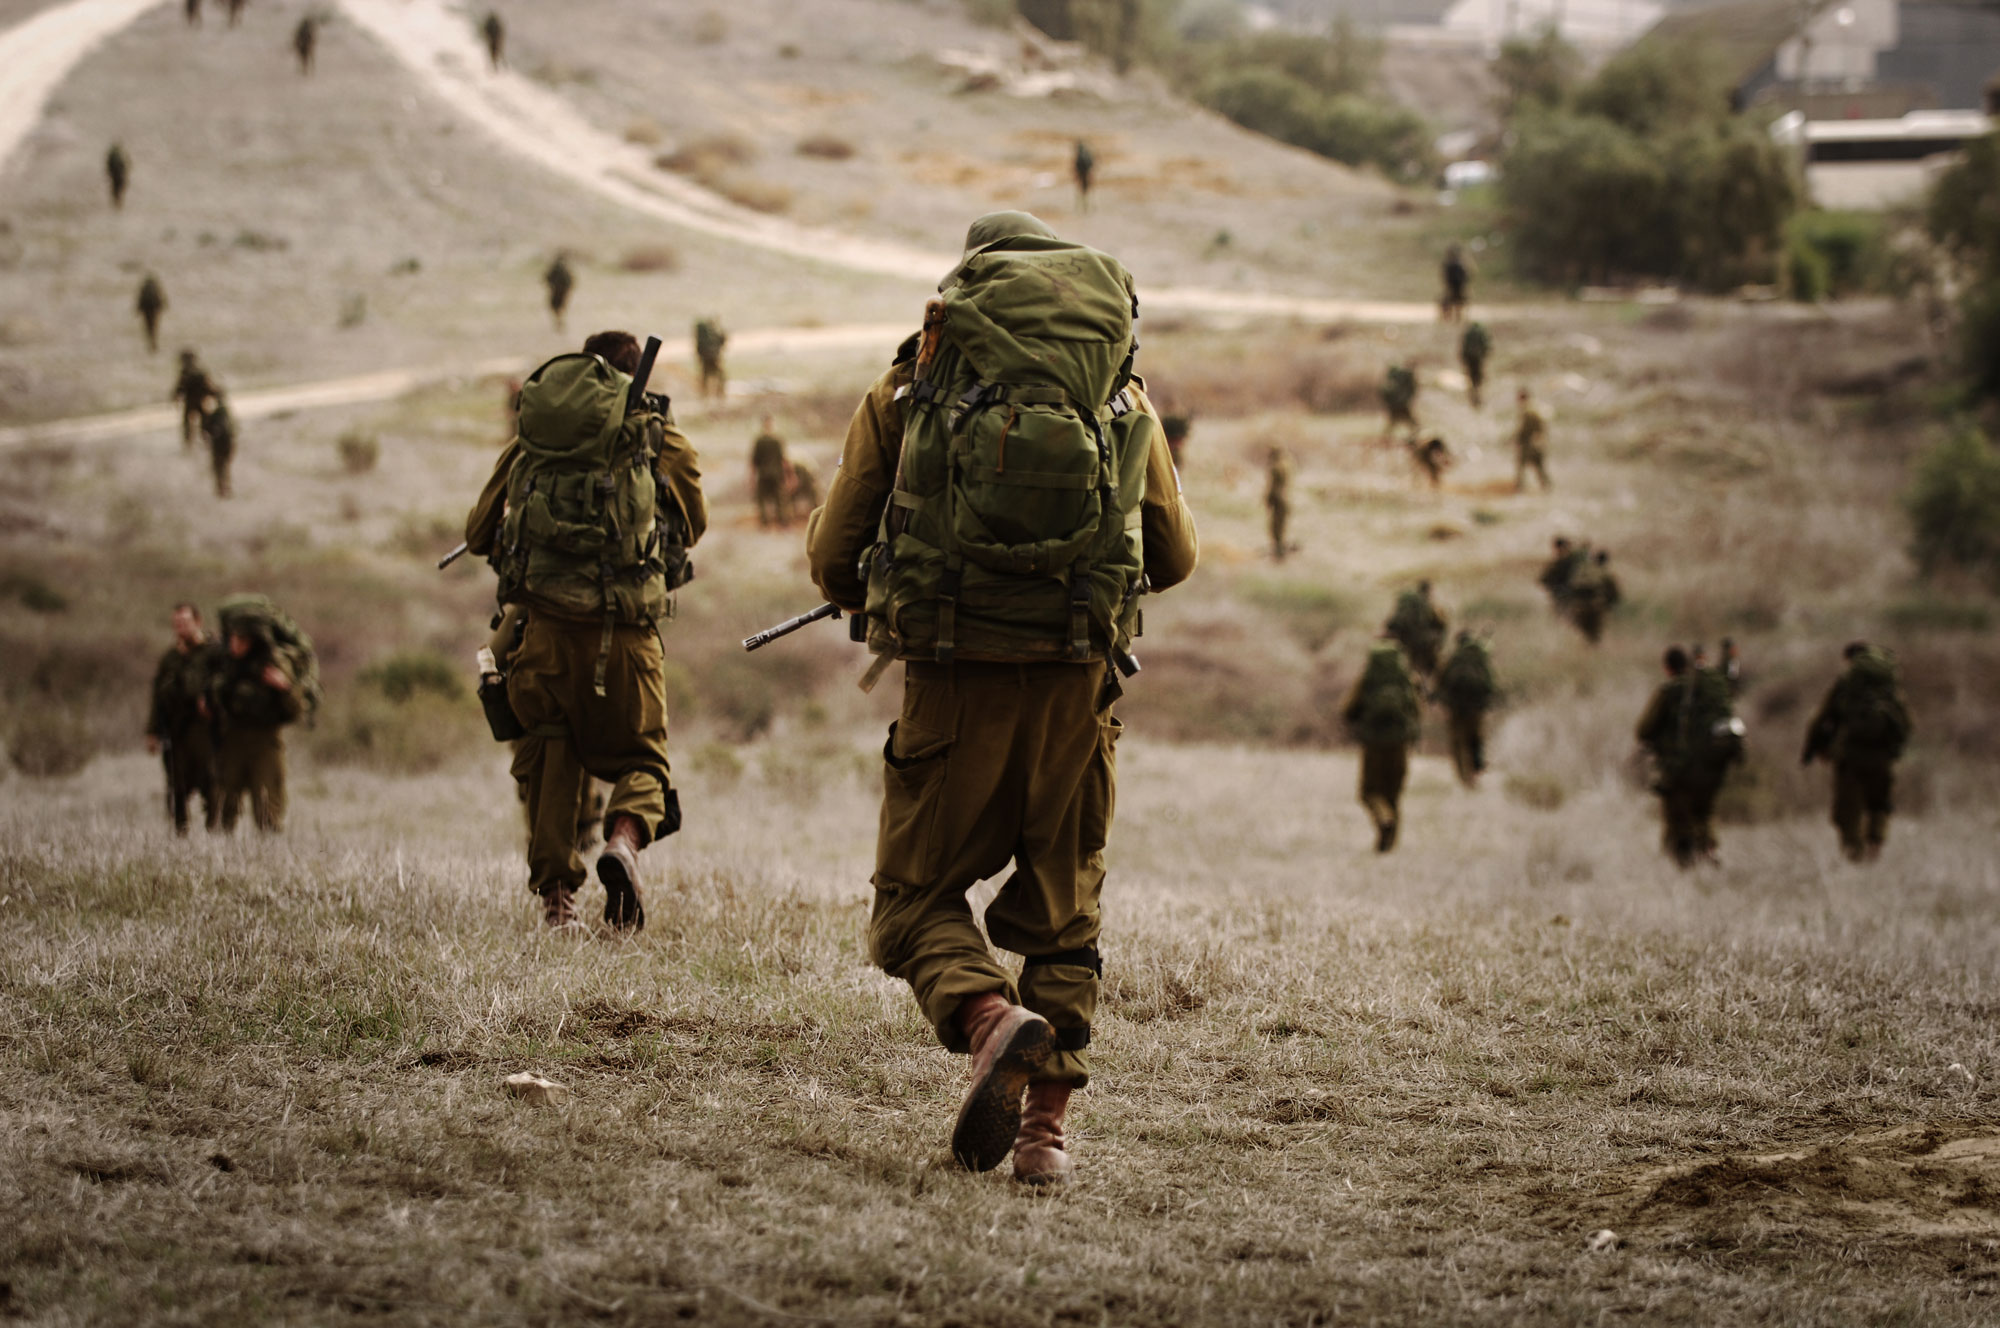 عالمي الاحتلال يعلن حالة الطوارئ بالمدن المحاذية لغزة خشية المقاومة b3b07dda3c601e964957